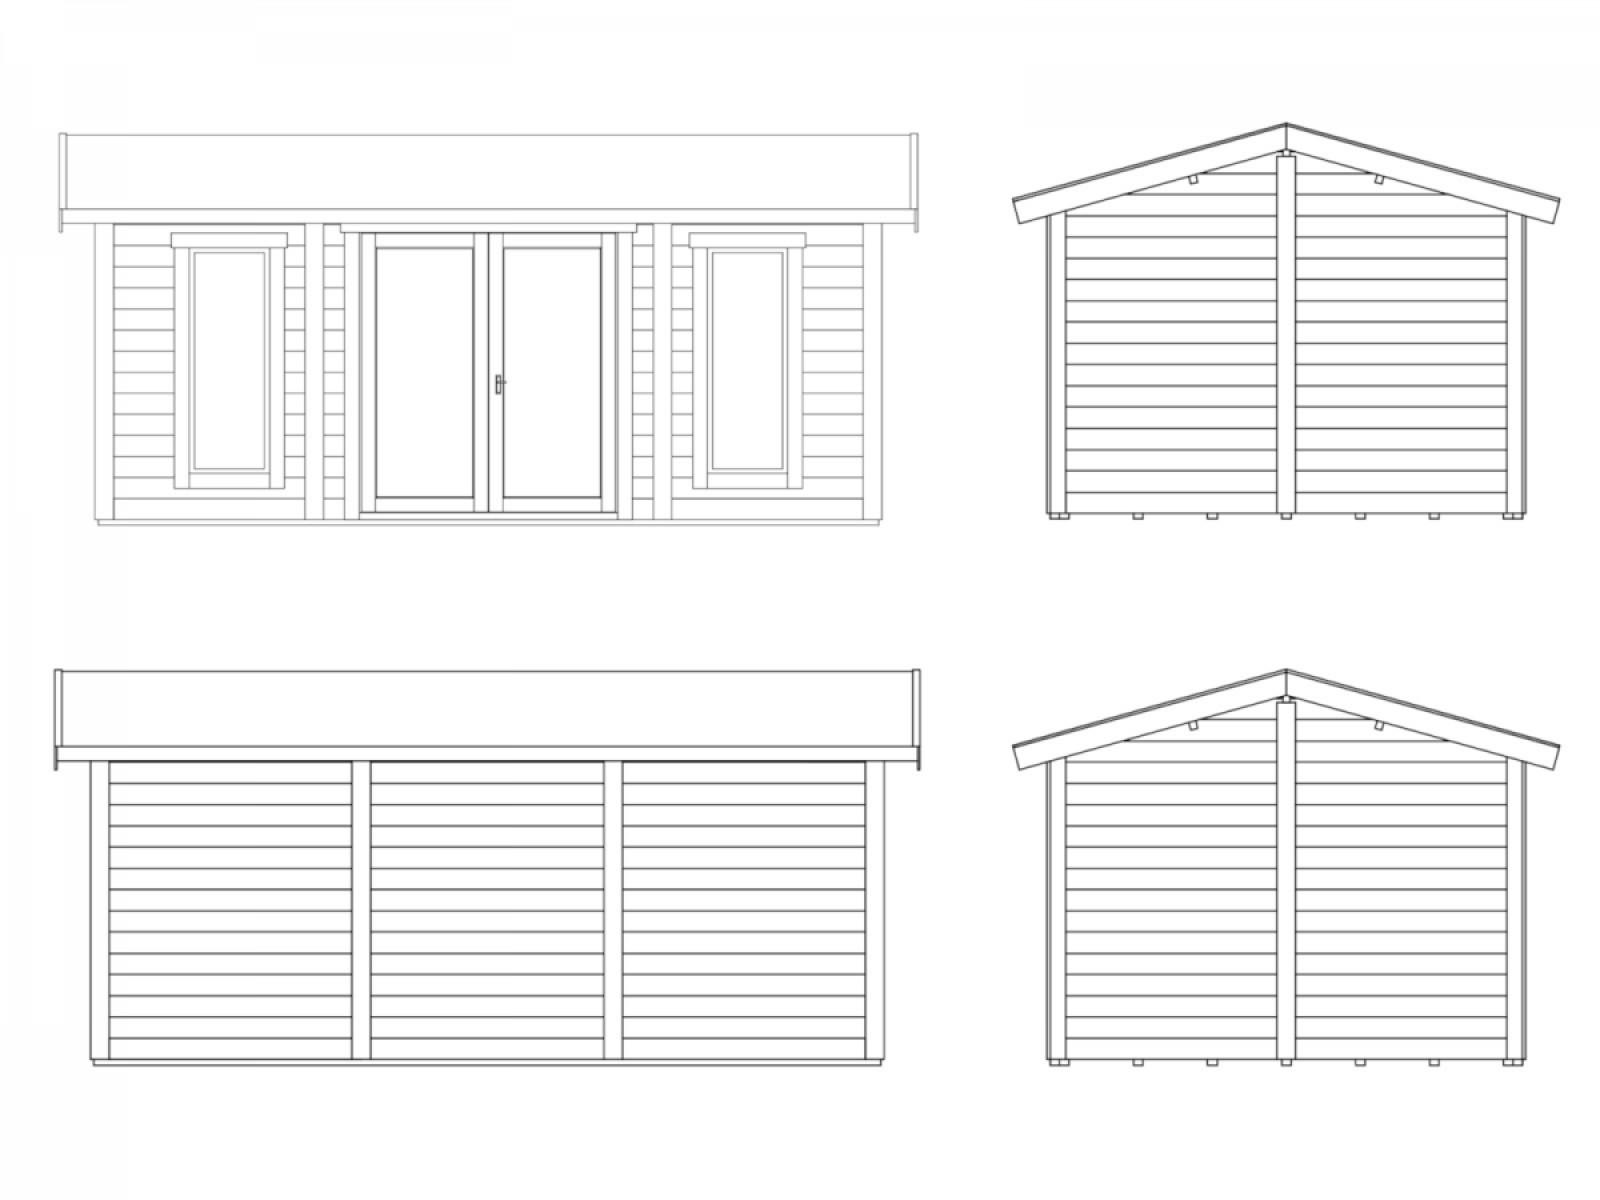 1625056705_Lillevilla 553 Cabin Line Drawing.jpg